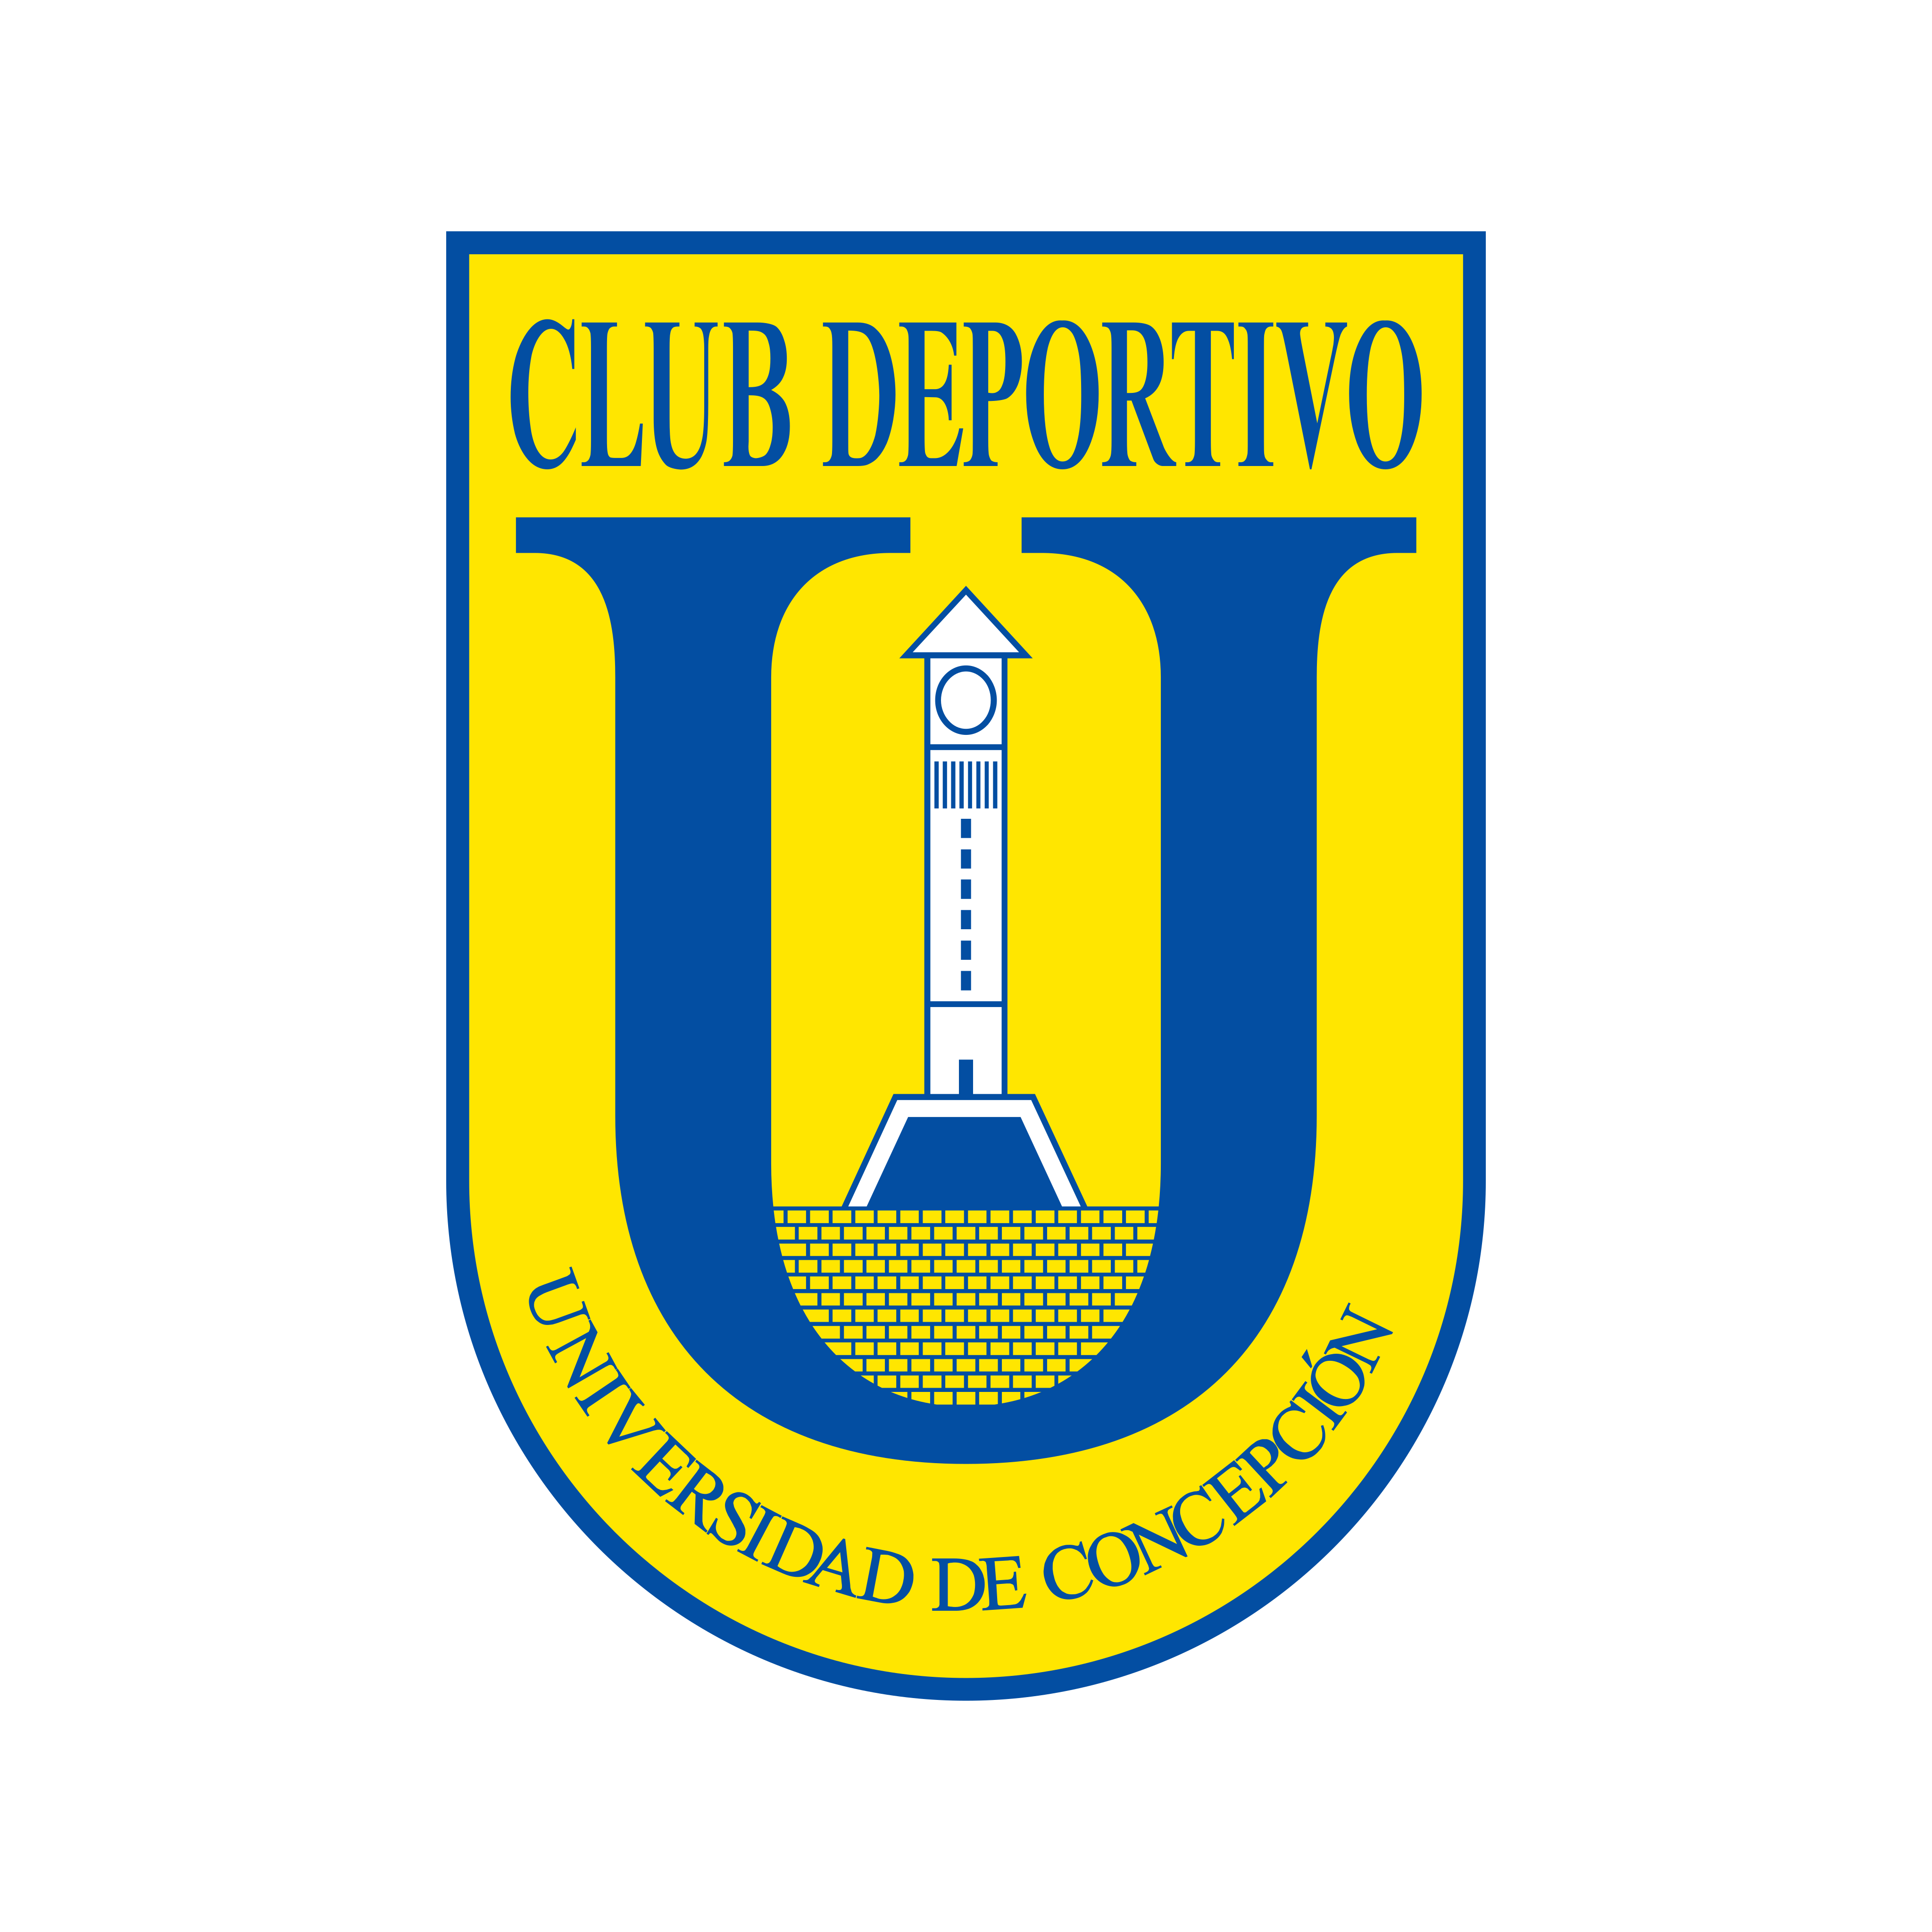 universidad concepcion logo escudo 0 - Universidad de Concepción Logo - Club Deportivo Universidad de Concepción Escudo